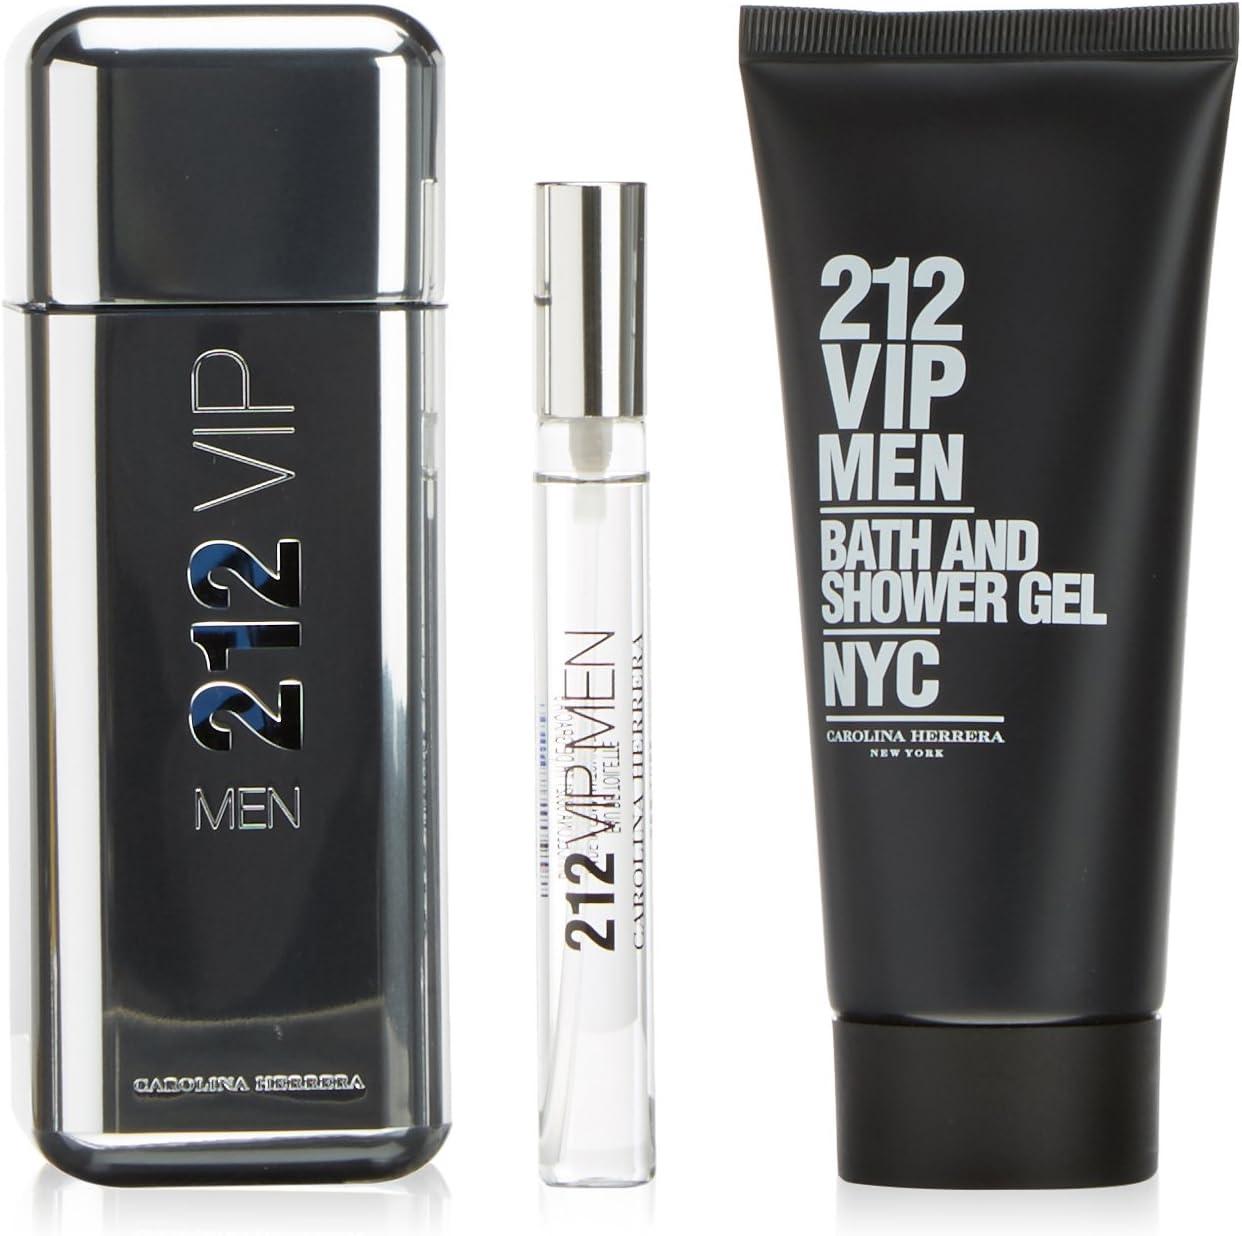 Carolina Herrera 212 Vip Men Eau De Toilette 100Ml Vapo. + Gel 100Ml + Miniatura: Amazon.es: Belleza